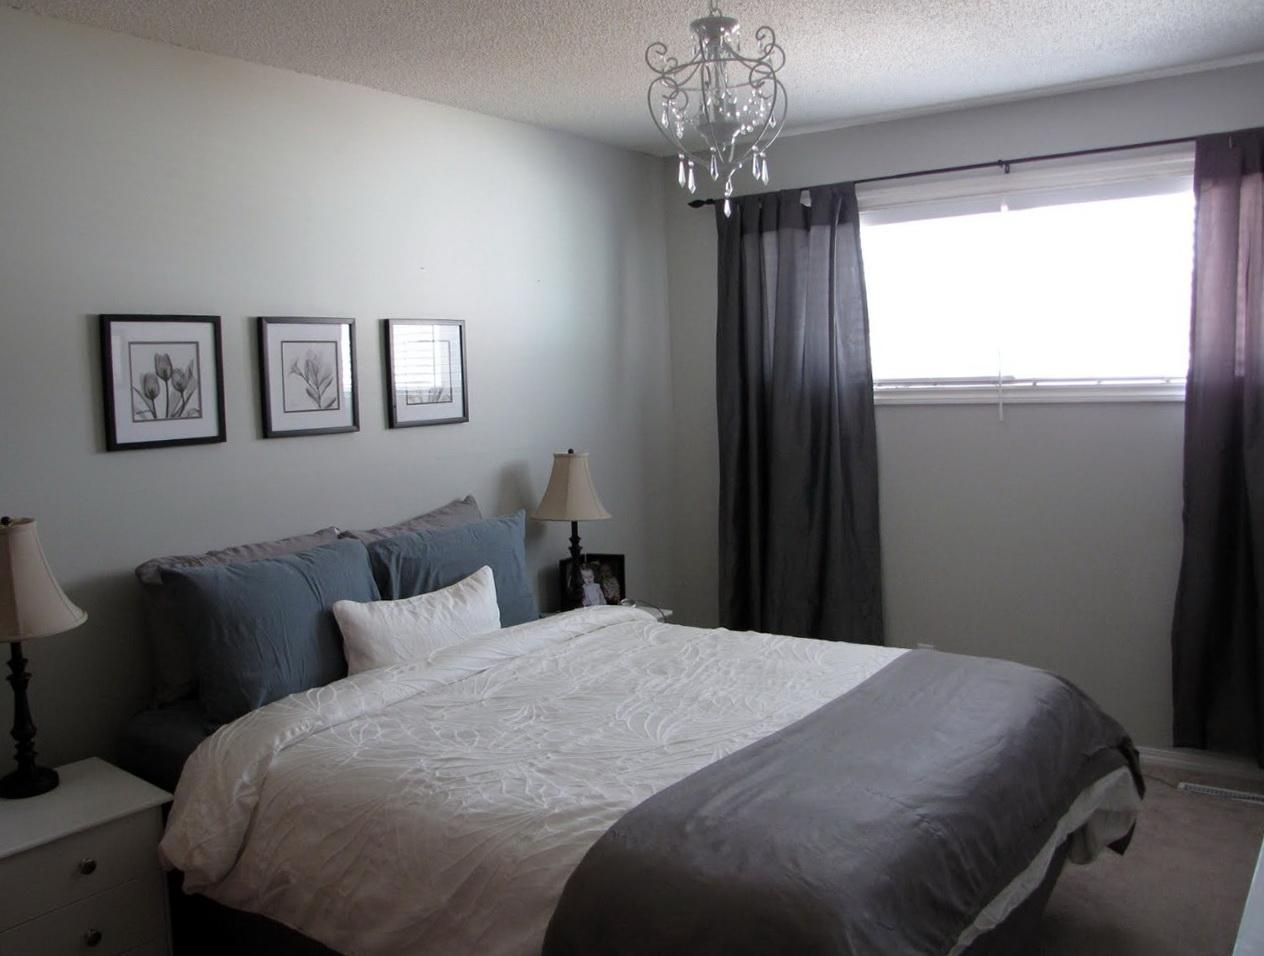 Master Bedroom Chandelier Ideas